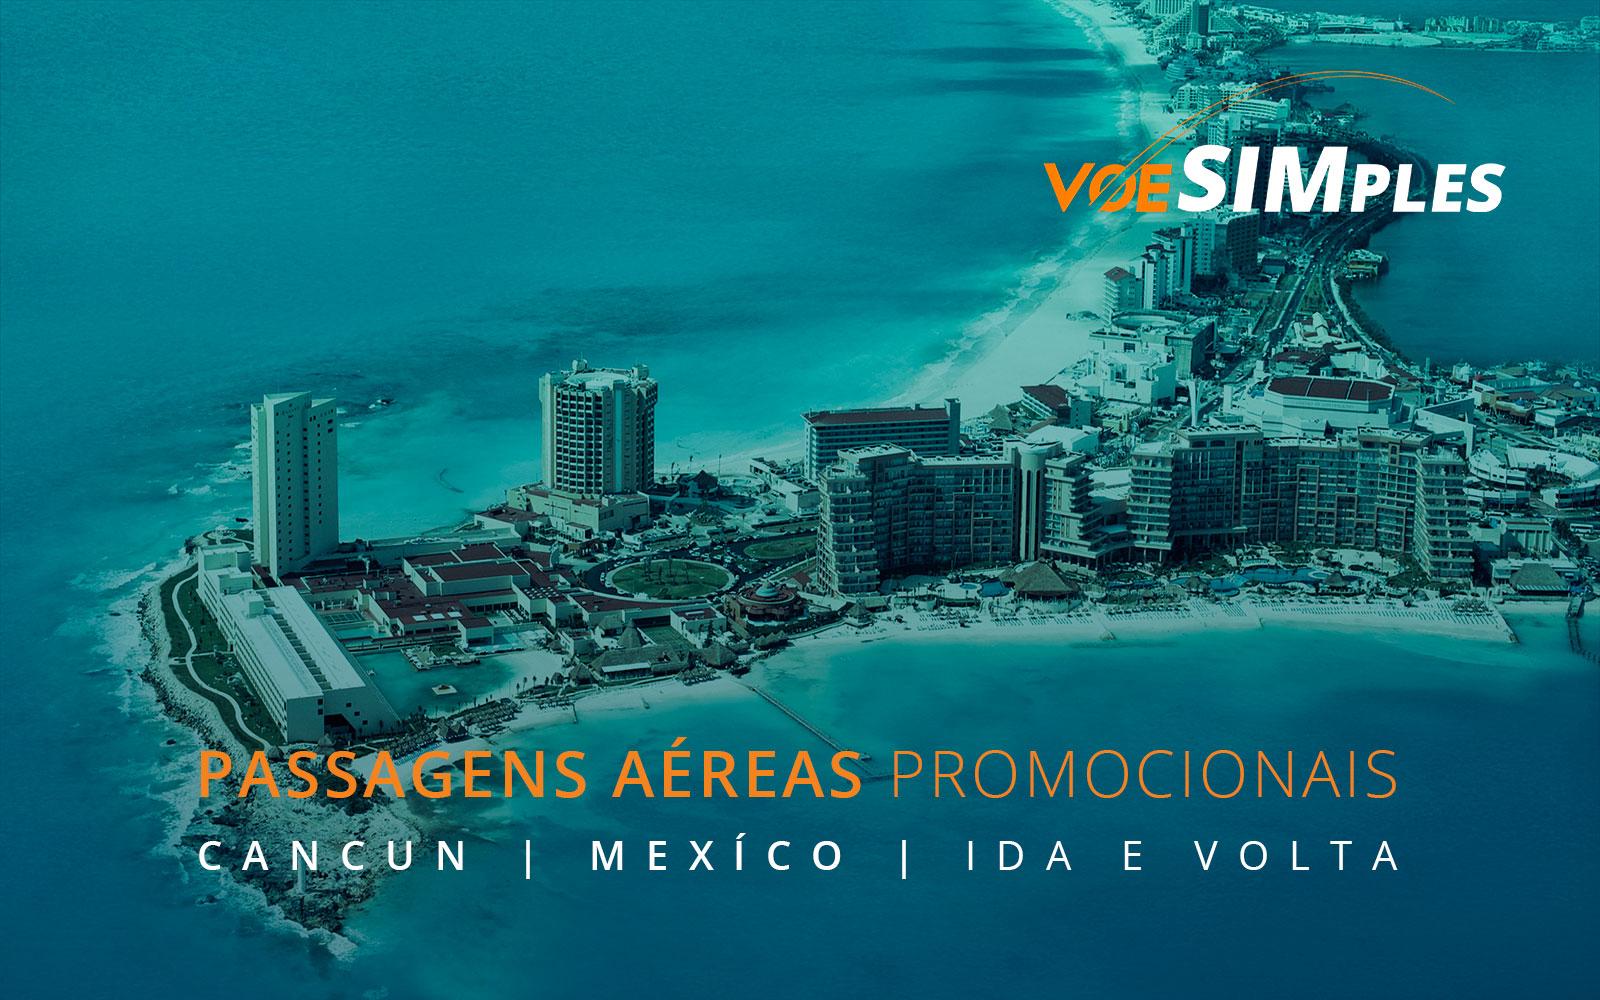 Passagens aéreas promocionais para o México